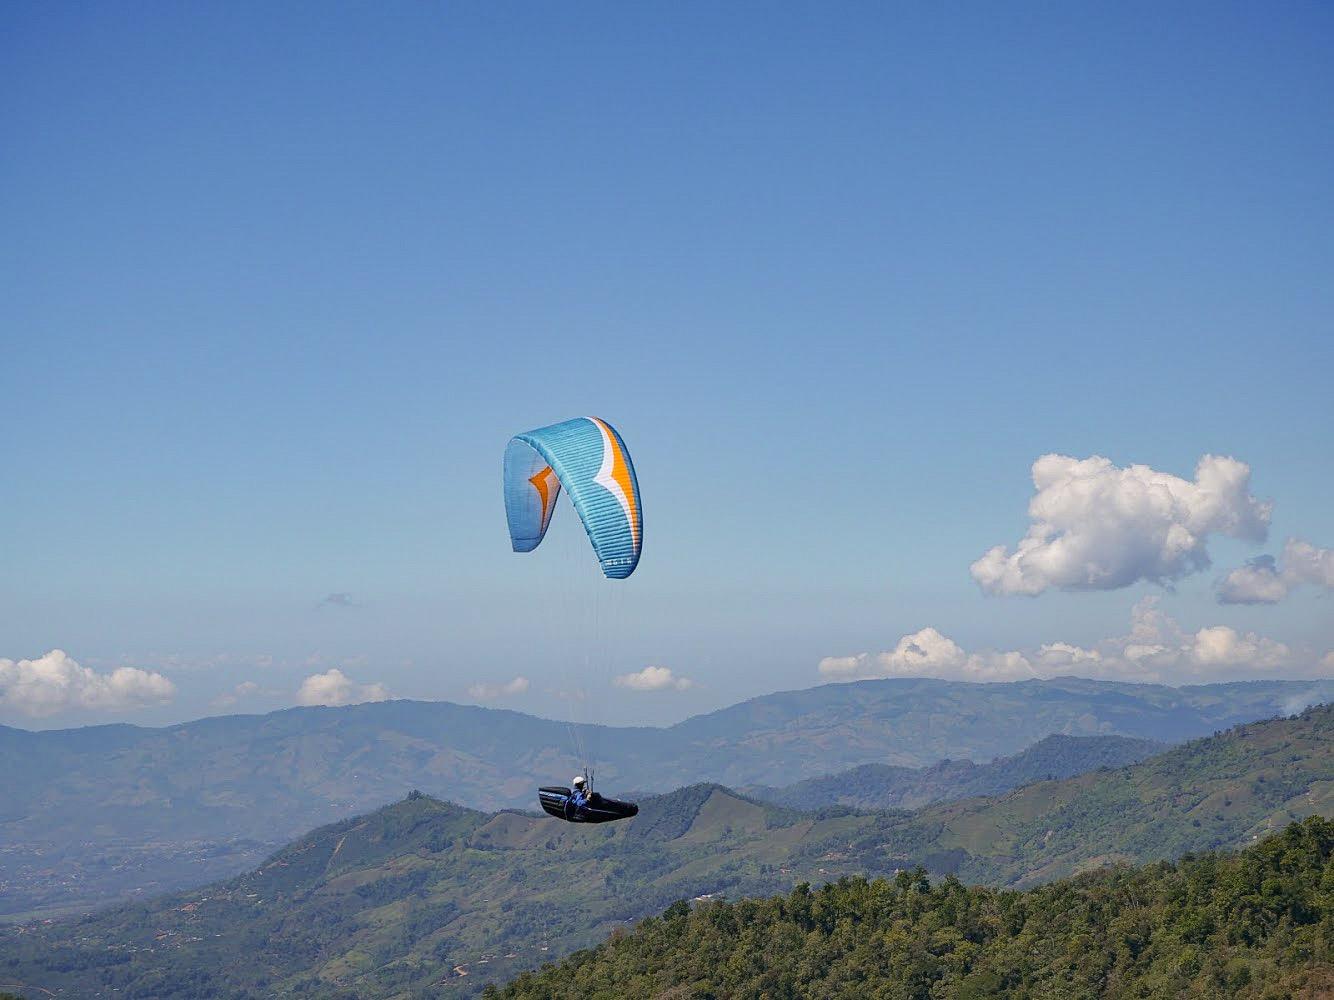 paragliding-costa-rica-visiting-pilots.jpg